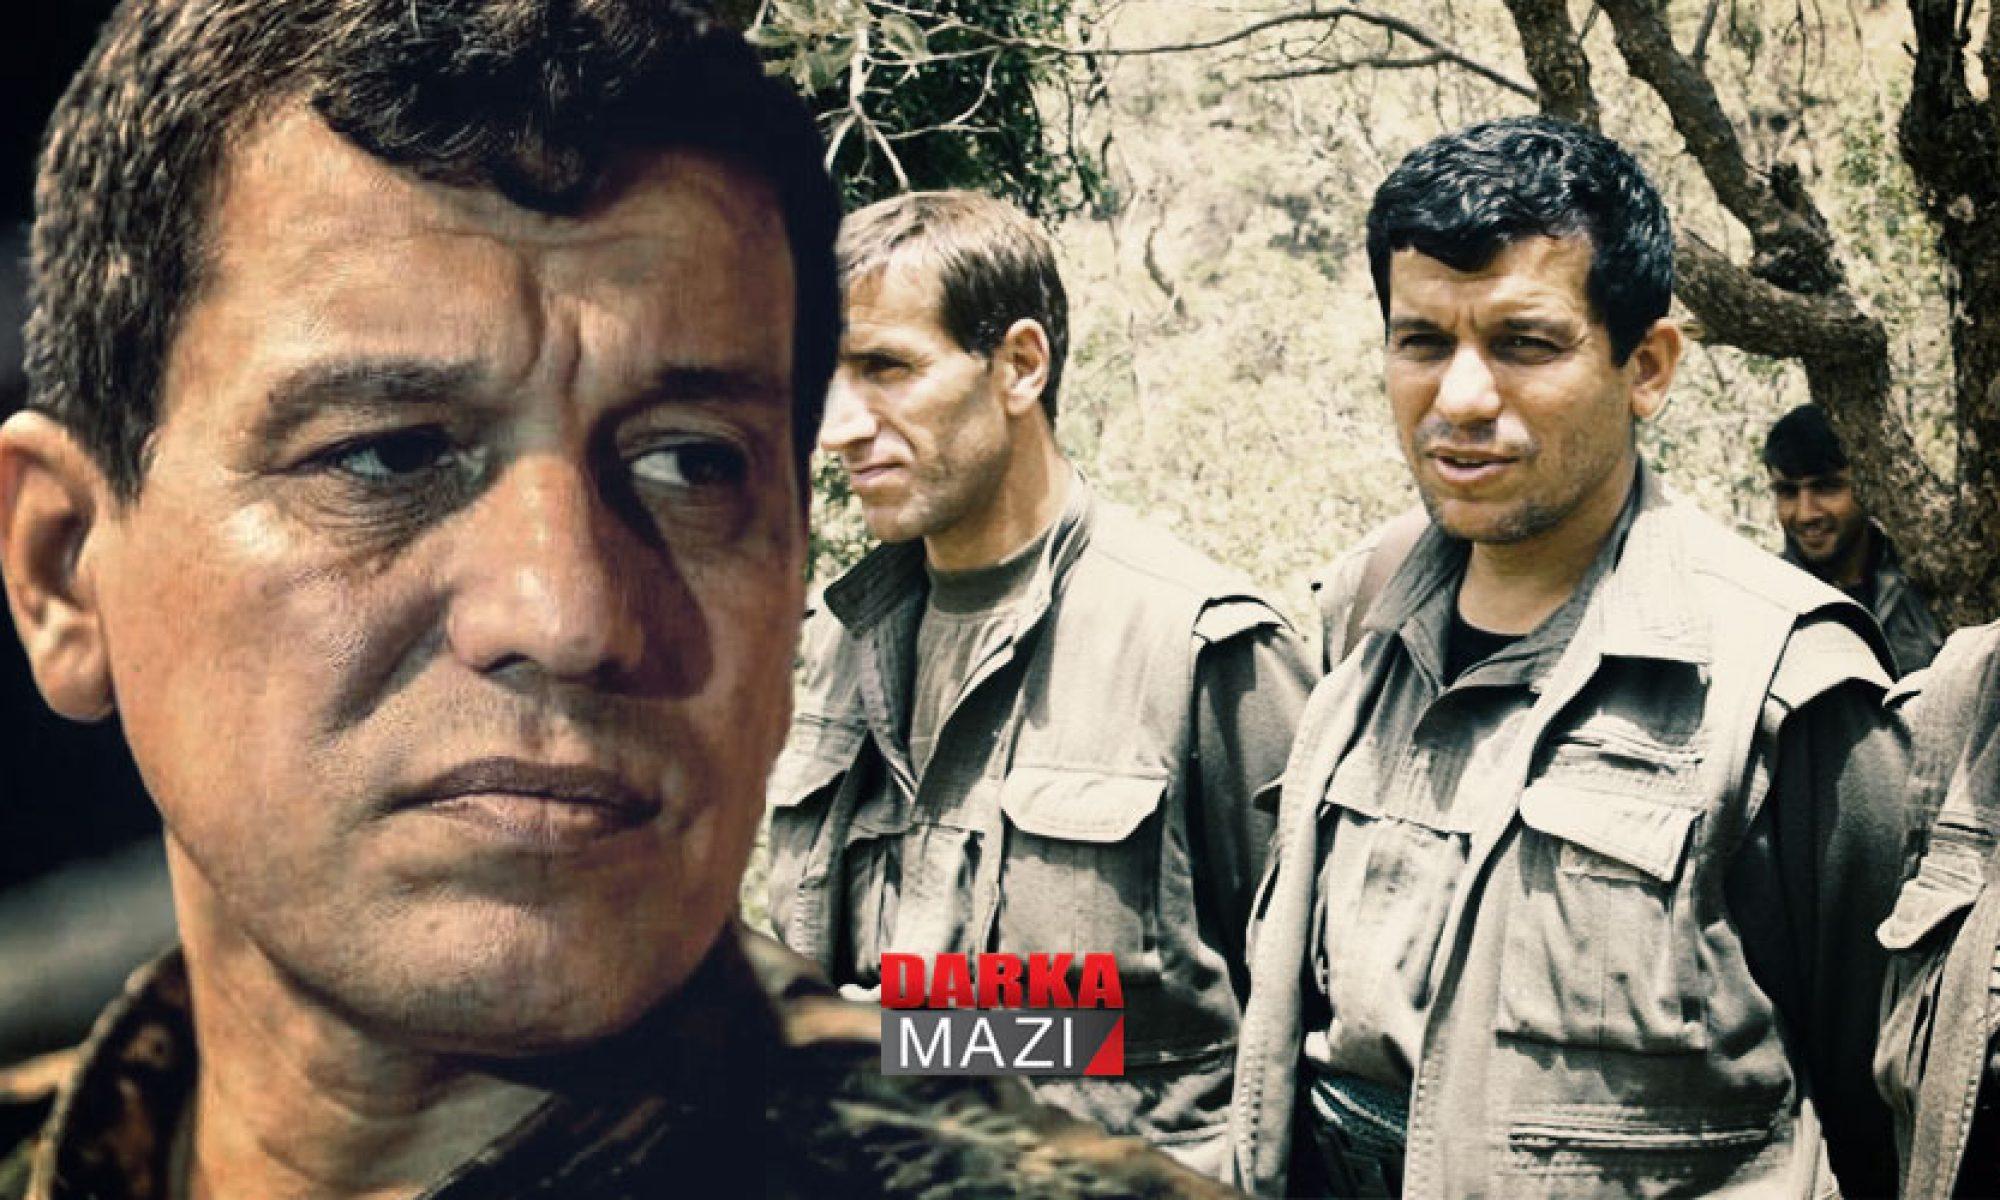 Mazlum Abdi kendini PKK'ye harcatıp Şahin Cilo olacak mı? Sihela, Peşhabur, Rojava, PKK; Peşmerge, KBG; Hewler, Barış Pınarı Operasyonu, Barzani, Çiyaye Spi, çatışma, Gerilla, HSD; YPG,